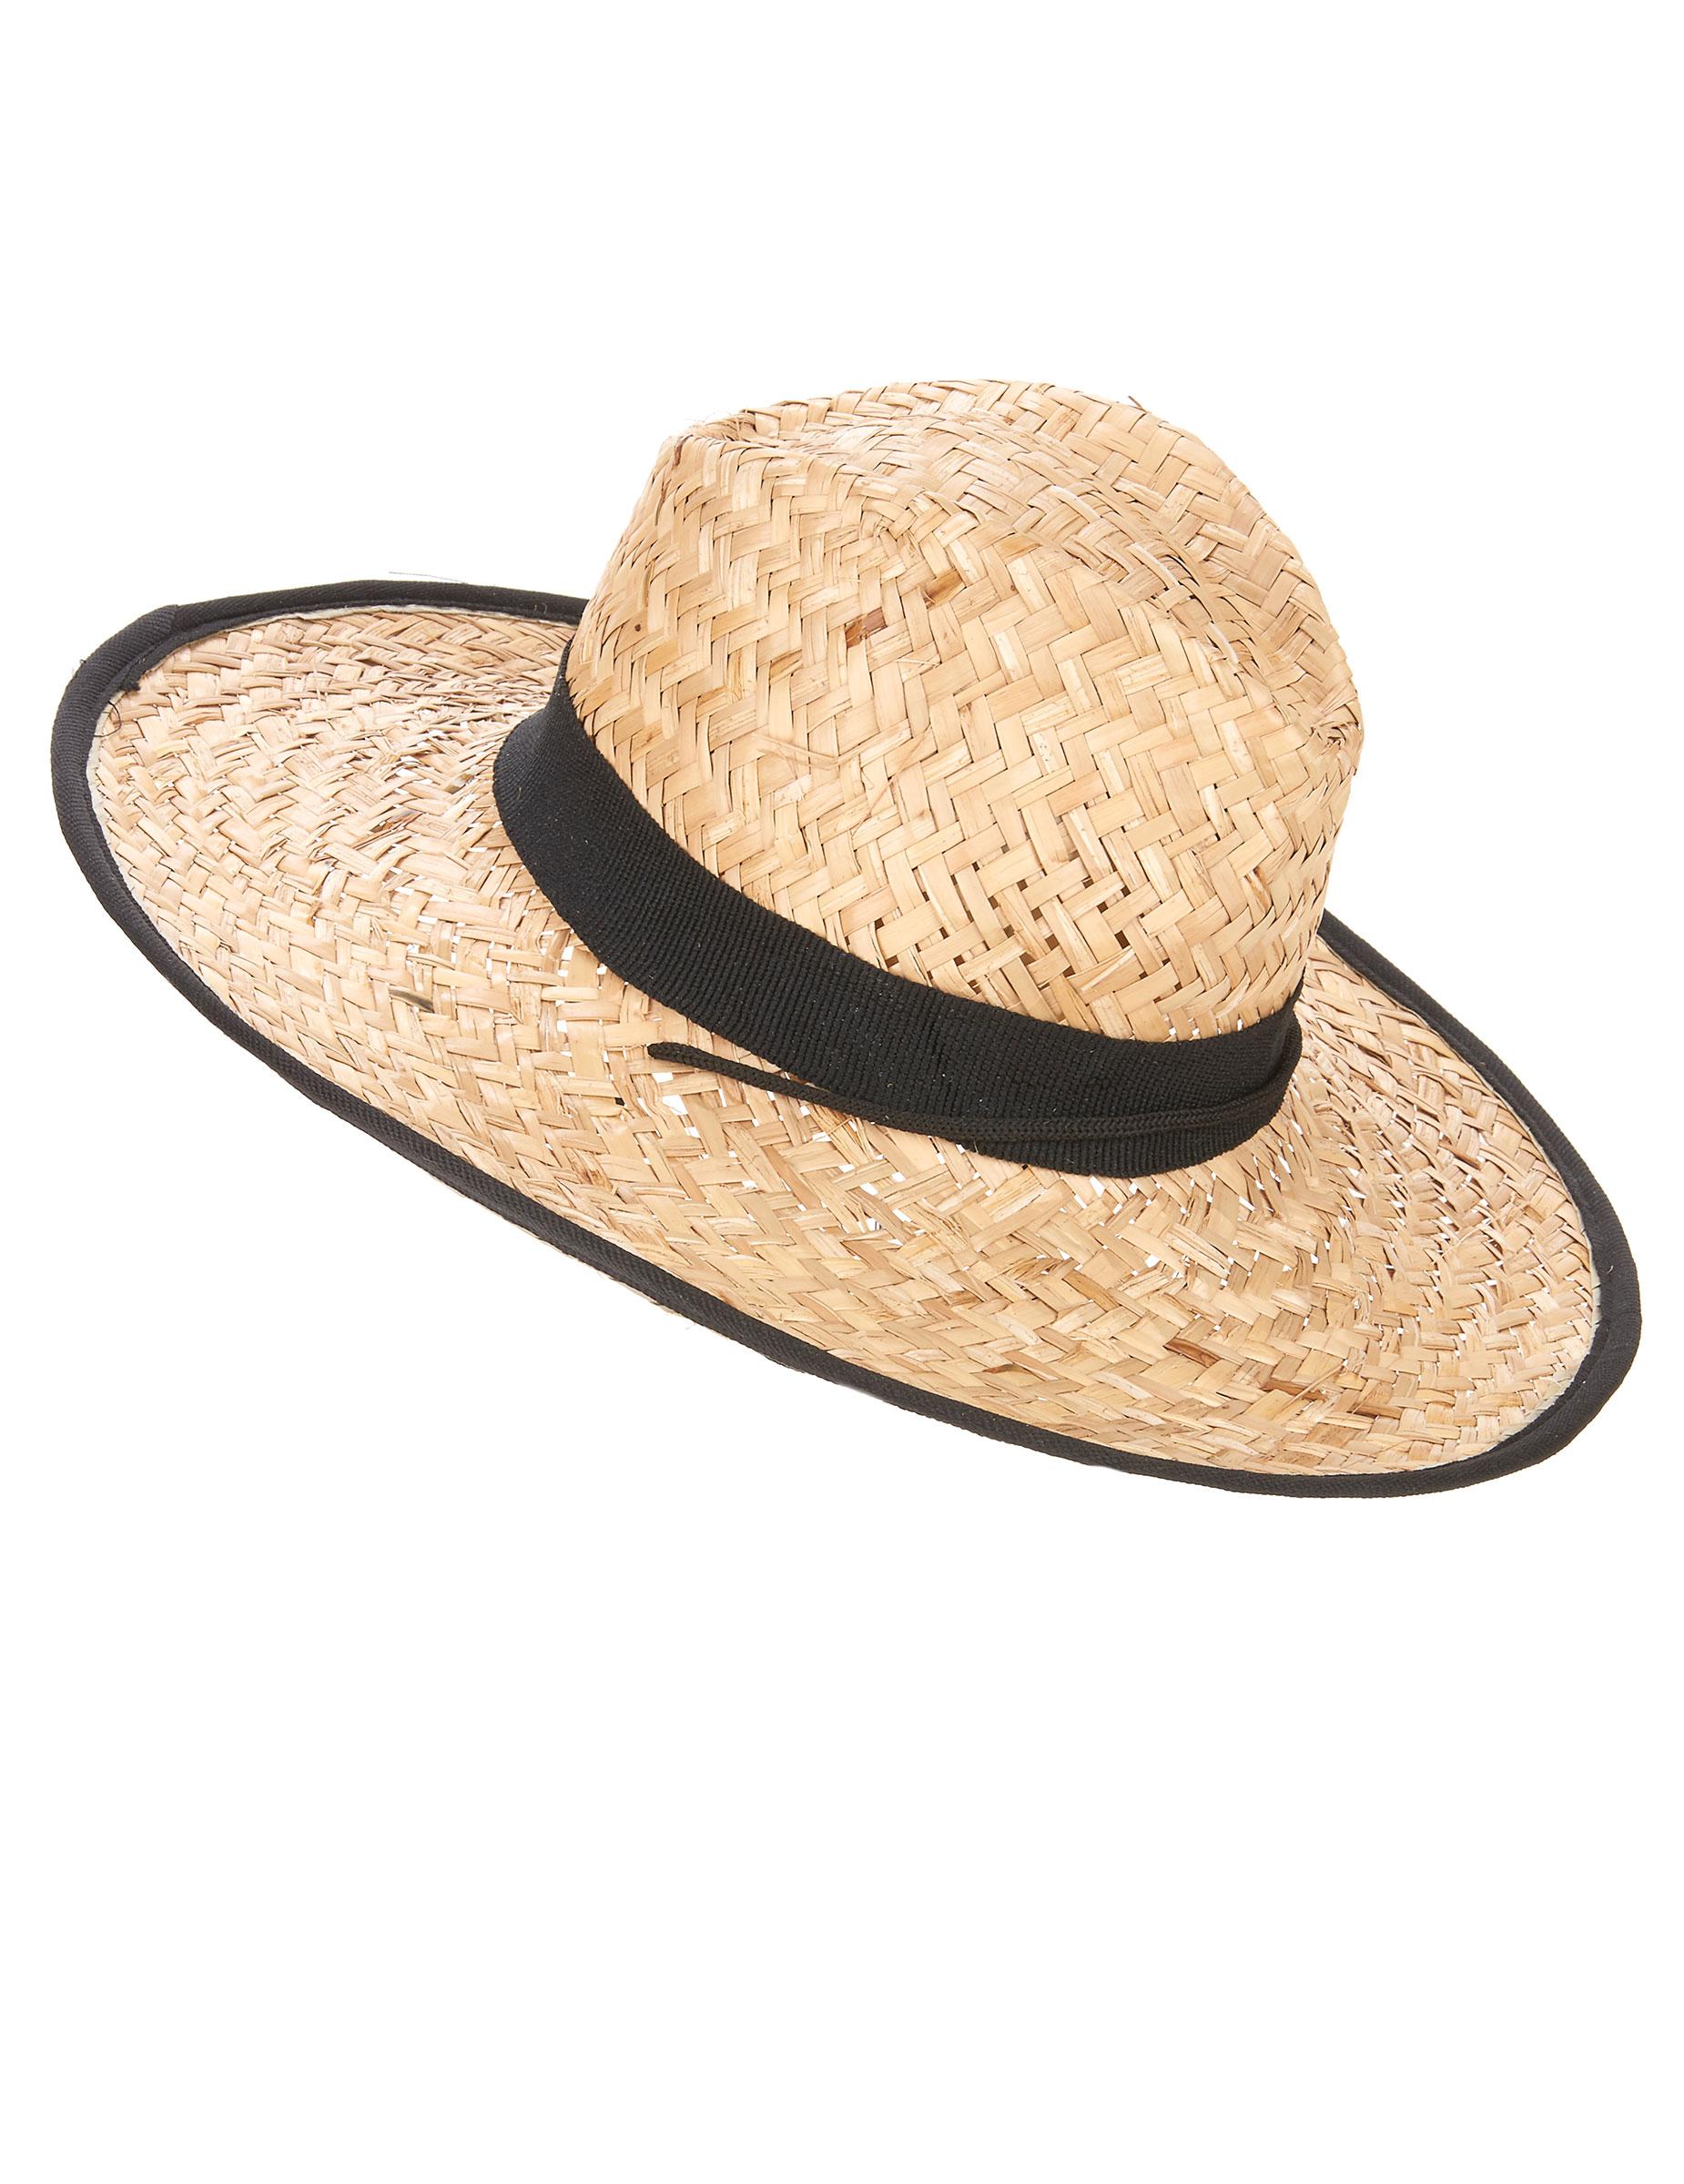 Cappello cowboy con fascia e bordi neri adulto su VegaooParty ... 7c412058baf4